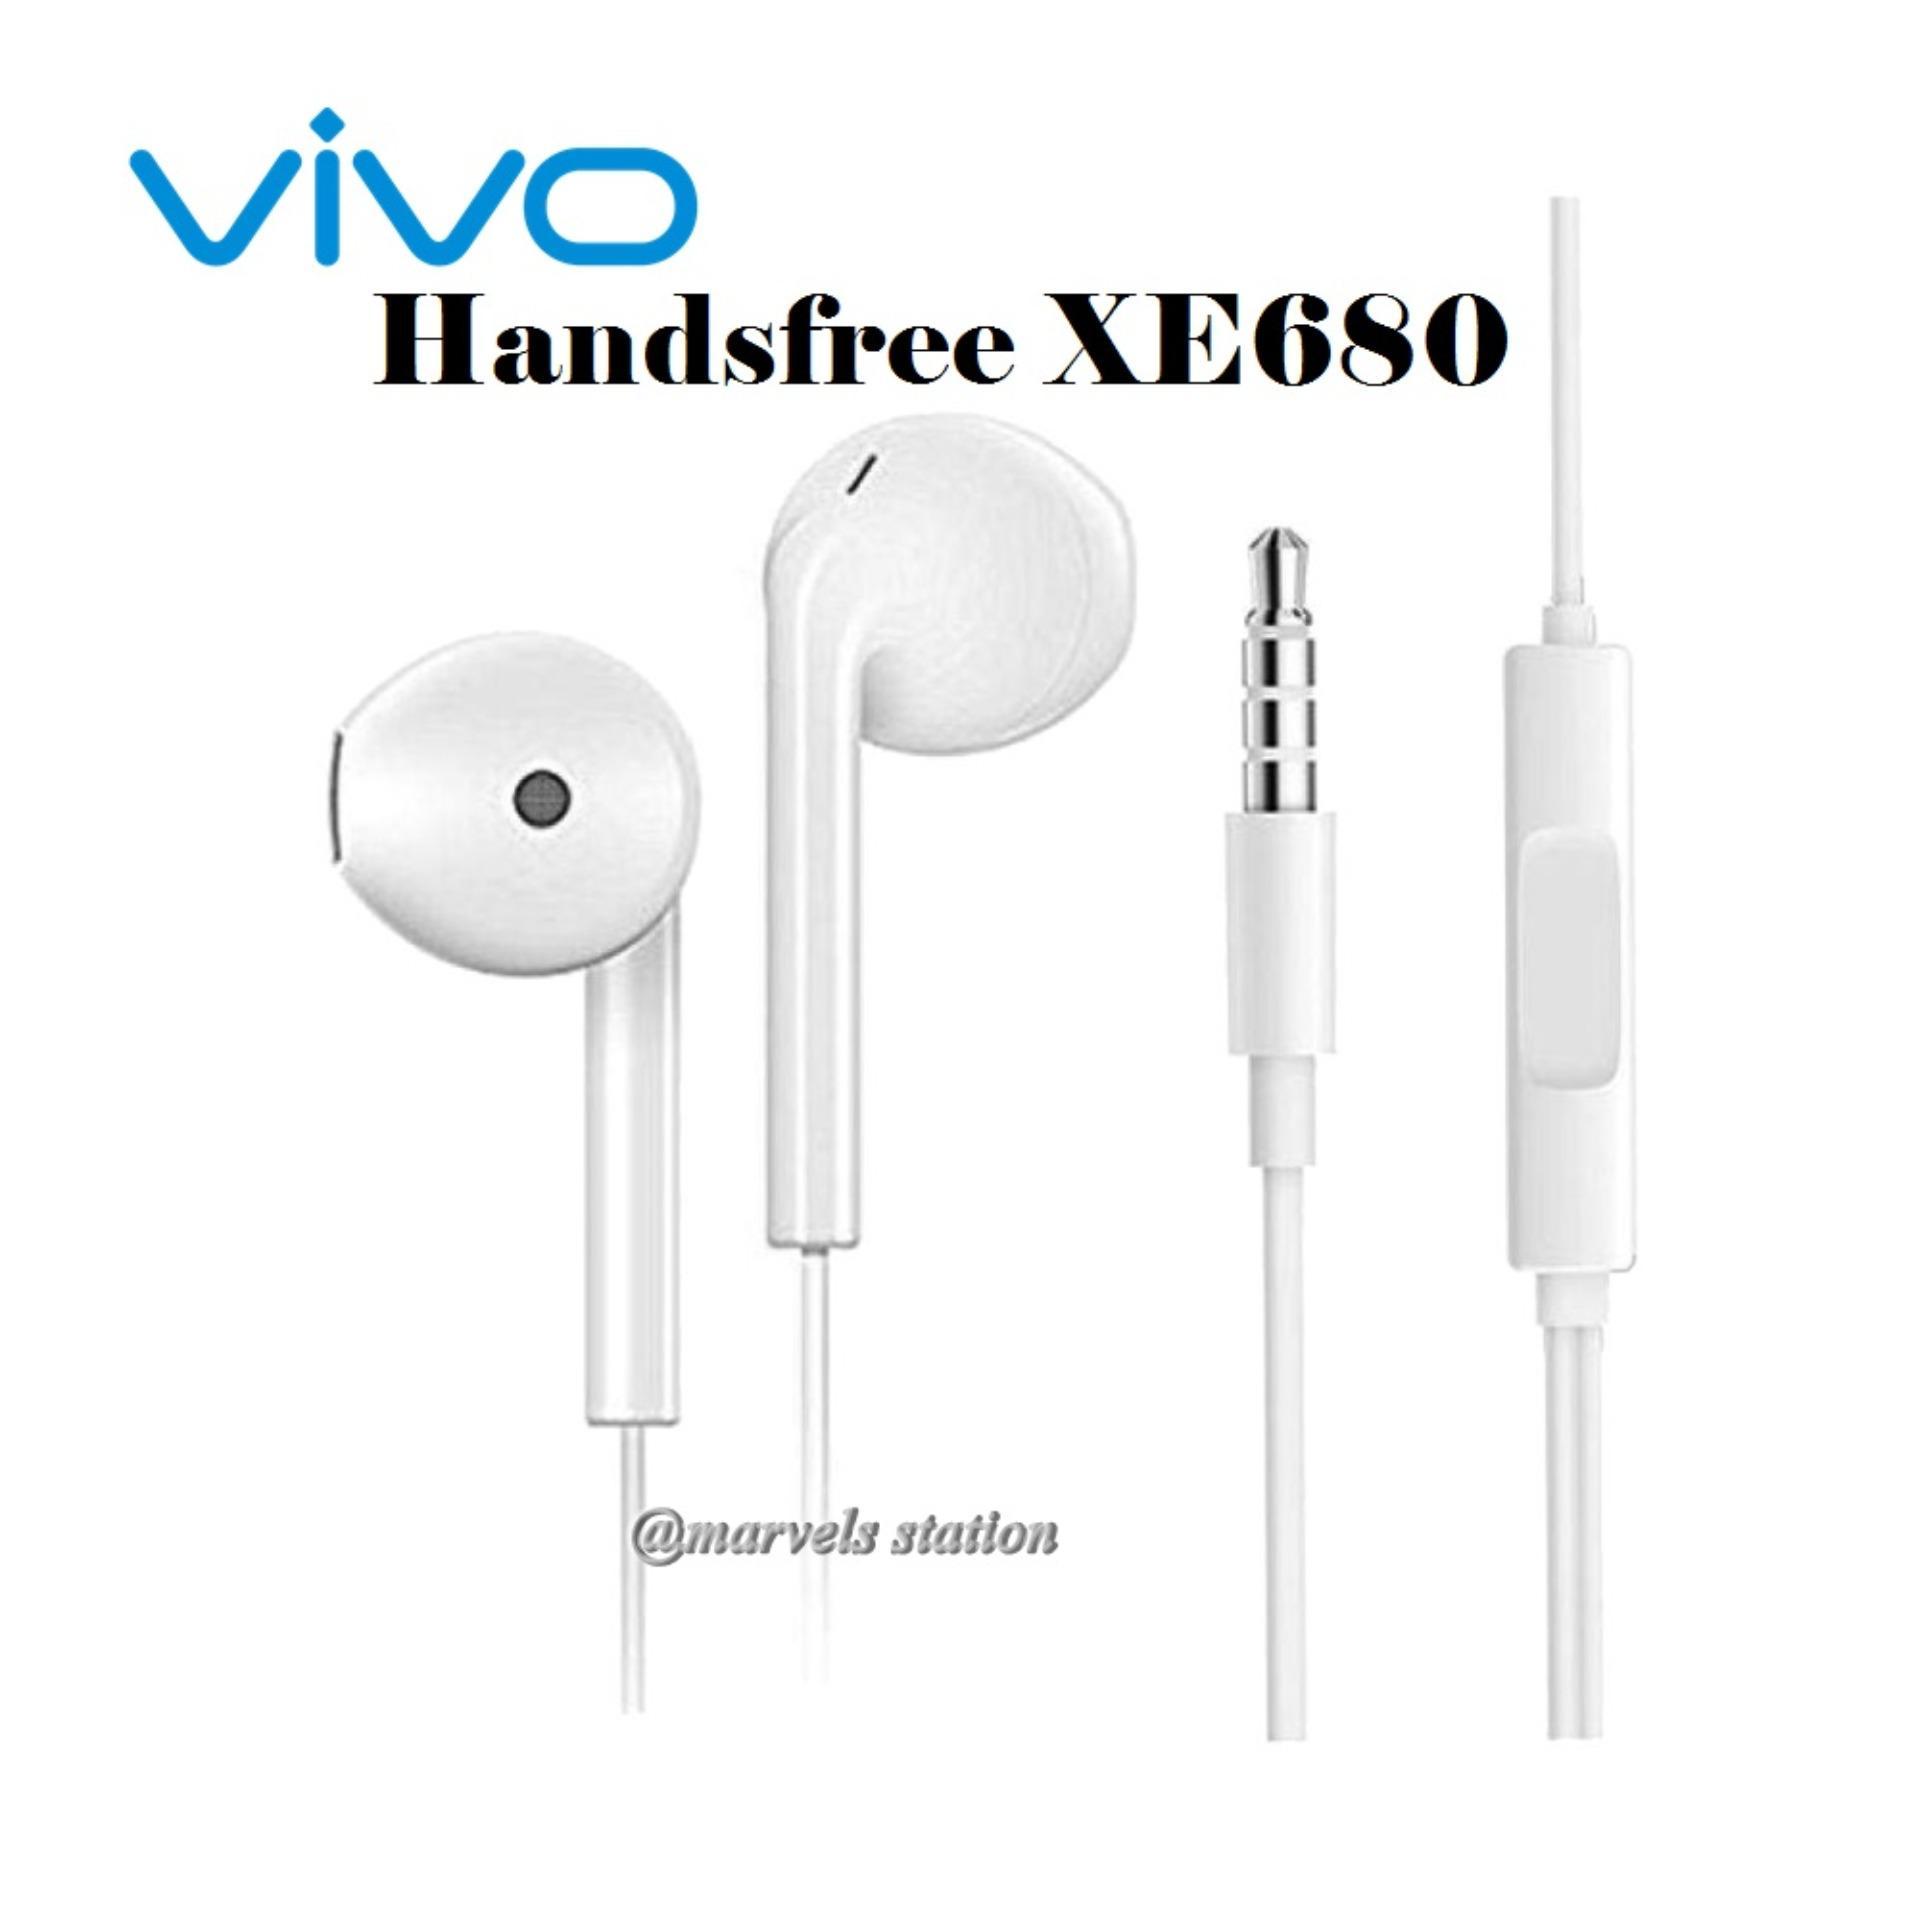 Fitur Vivo Xe680 3 5mm Jack Headphone In Ear Handsfree Original Dan Headset Earphone Type Natural Hifi With Mic 35